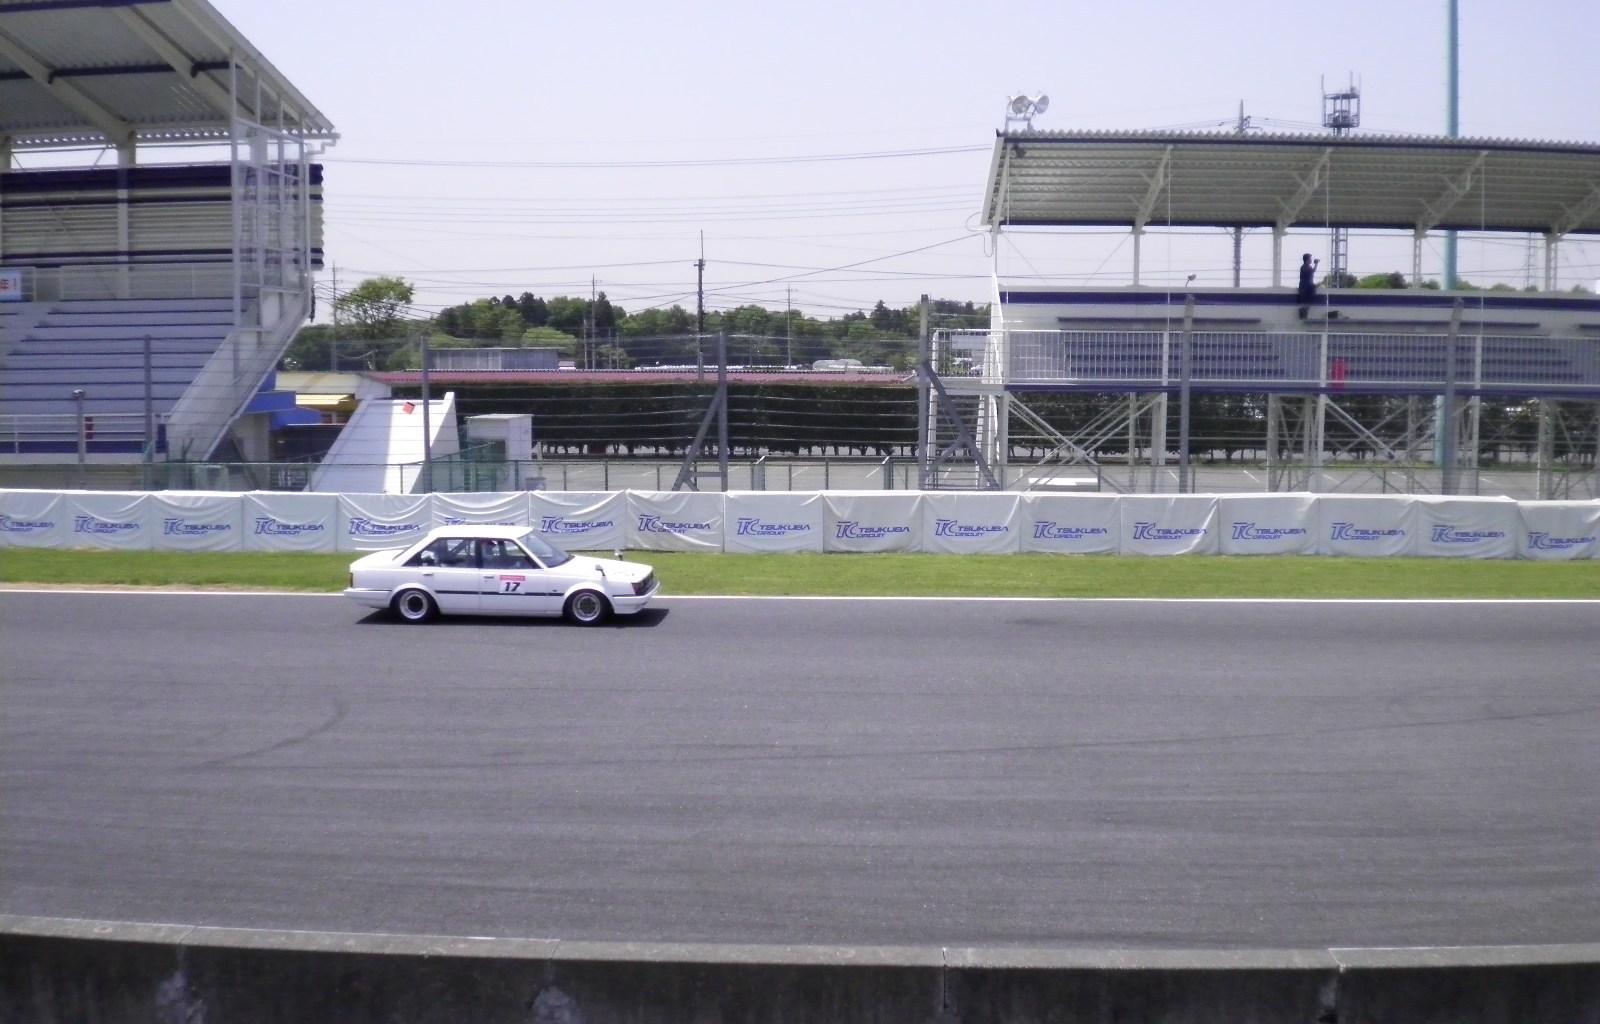 Carina AA63 on Tsukuba circuit